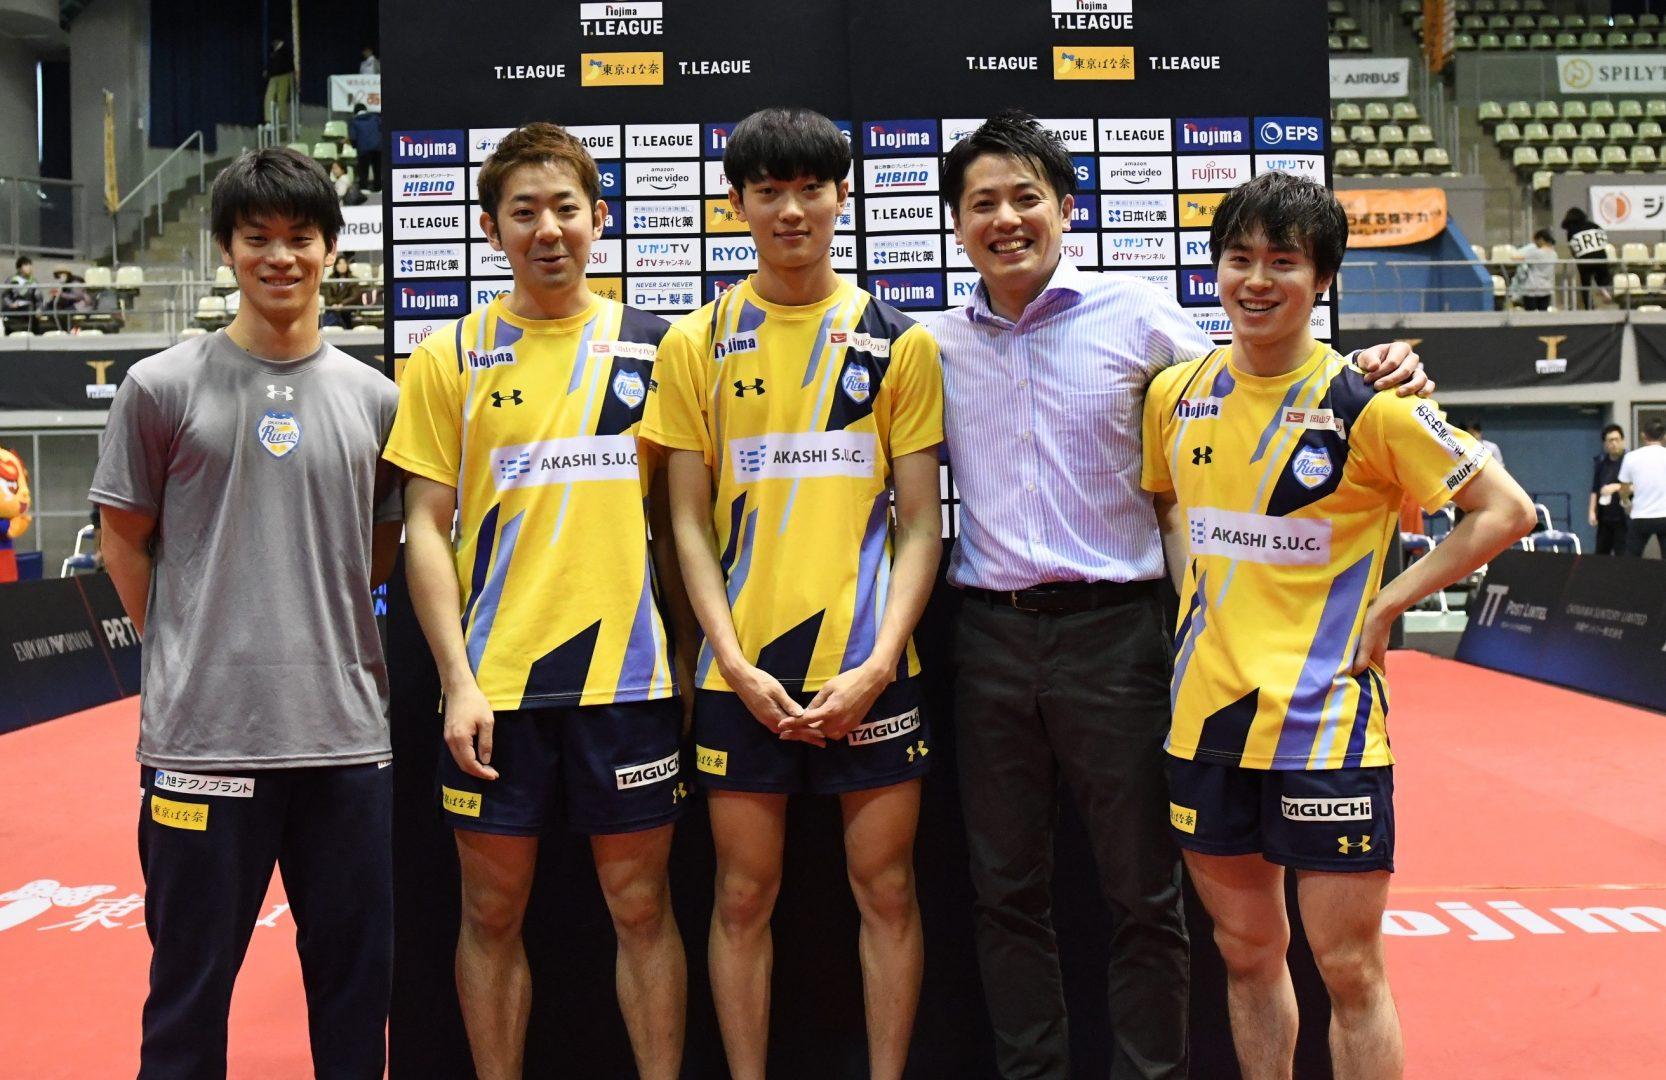 岡山、連敗ストップ 韓国の17歳サウスポーに白神監督「感謝しかない」<卓球・Tリーグ結果速報>